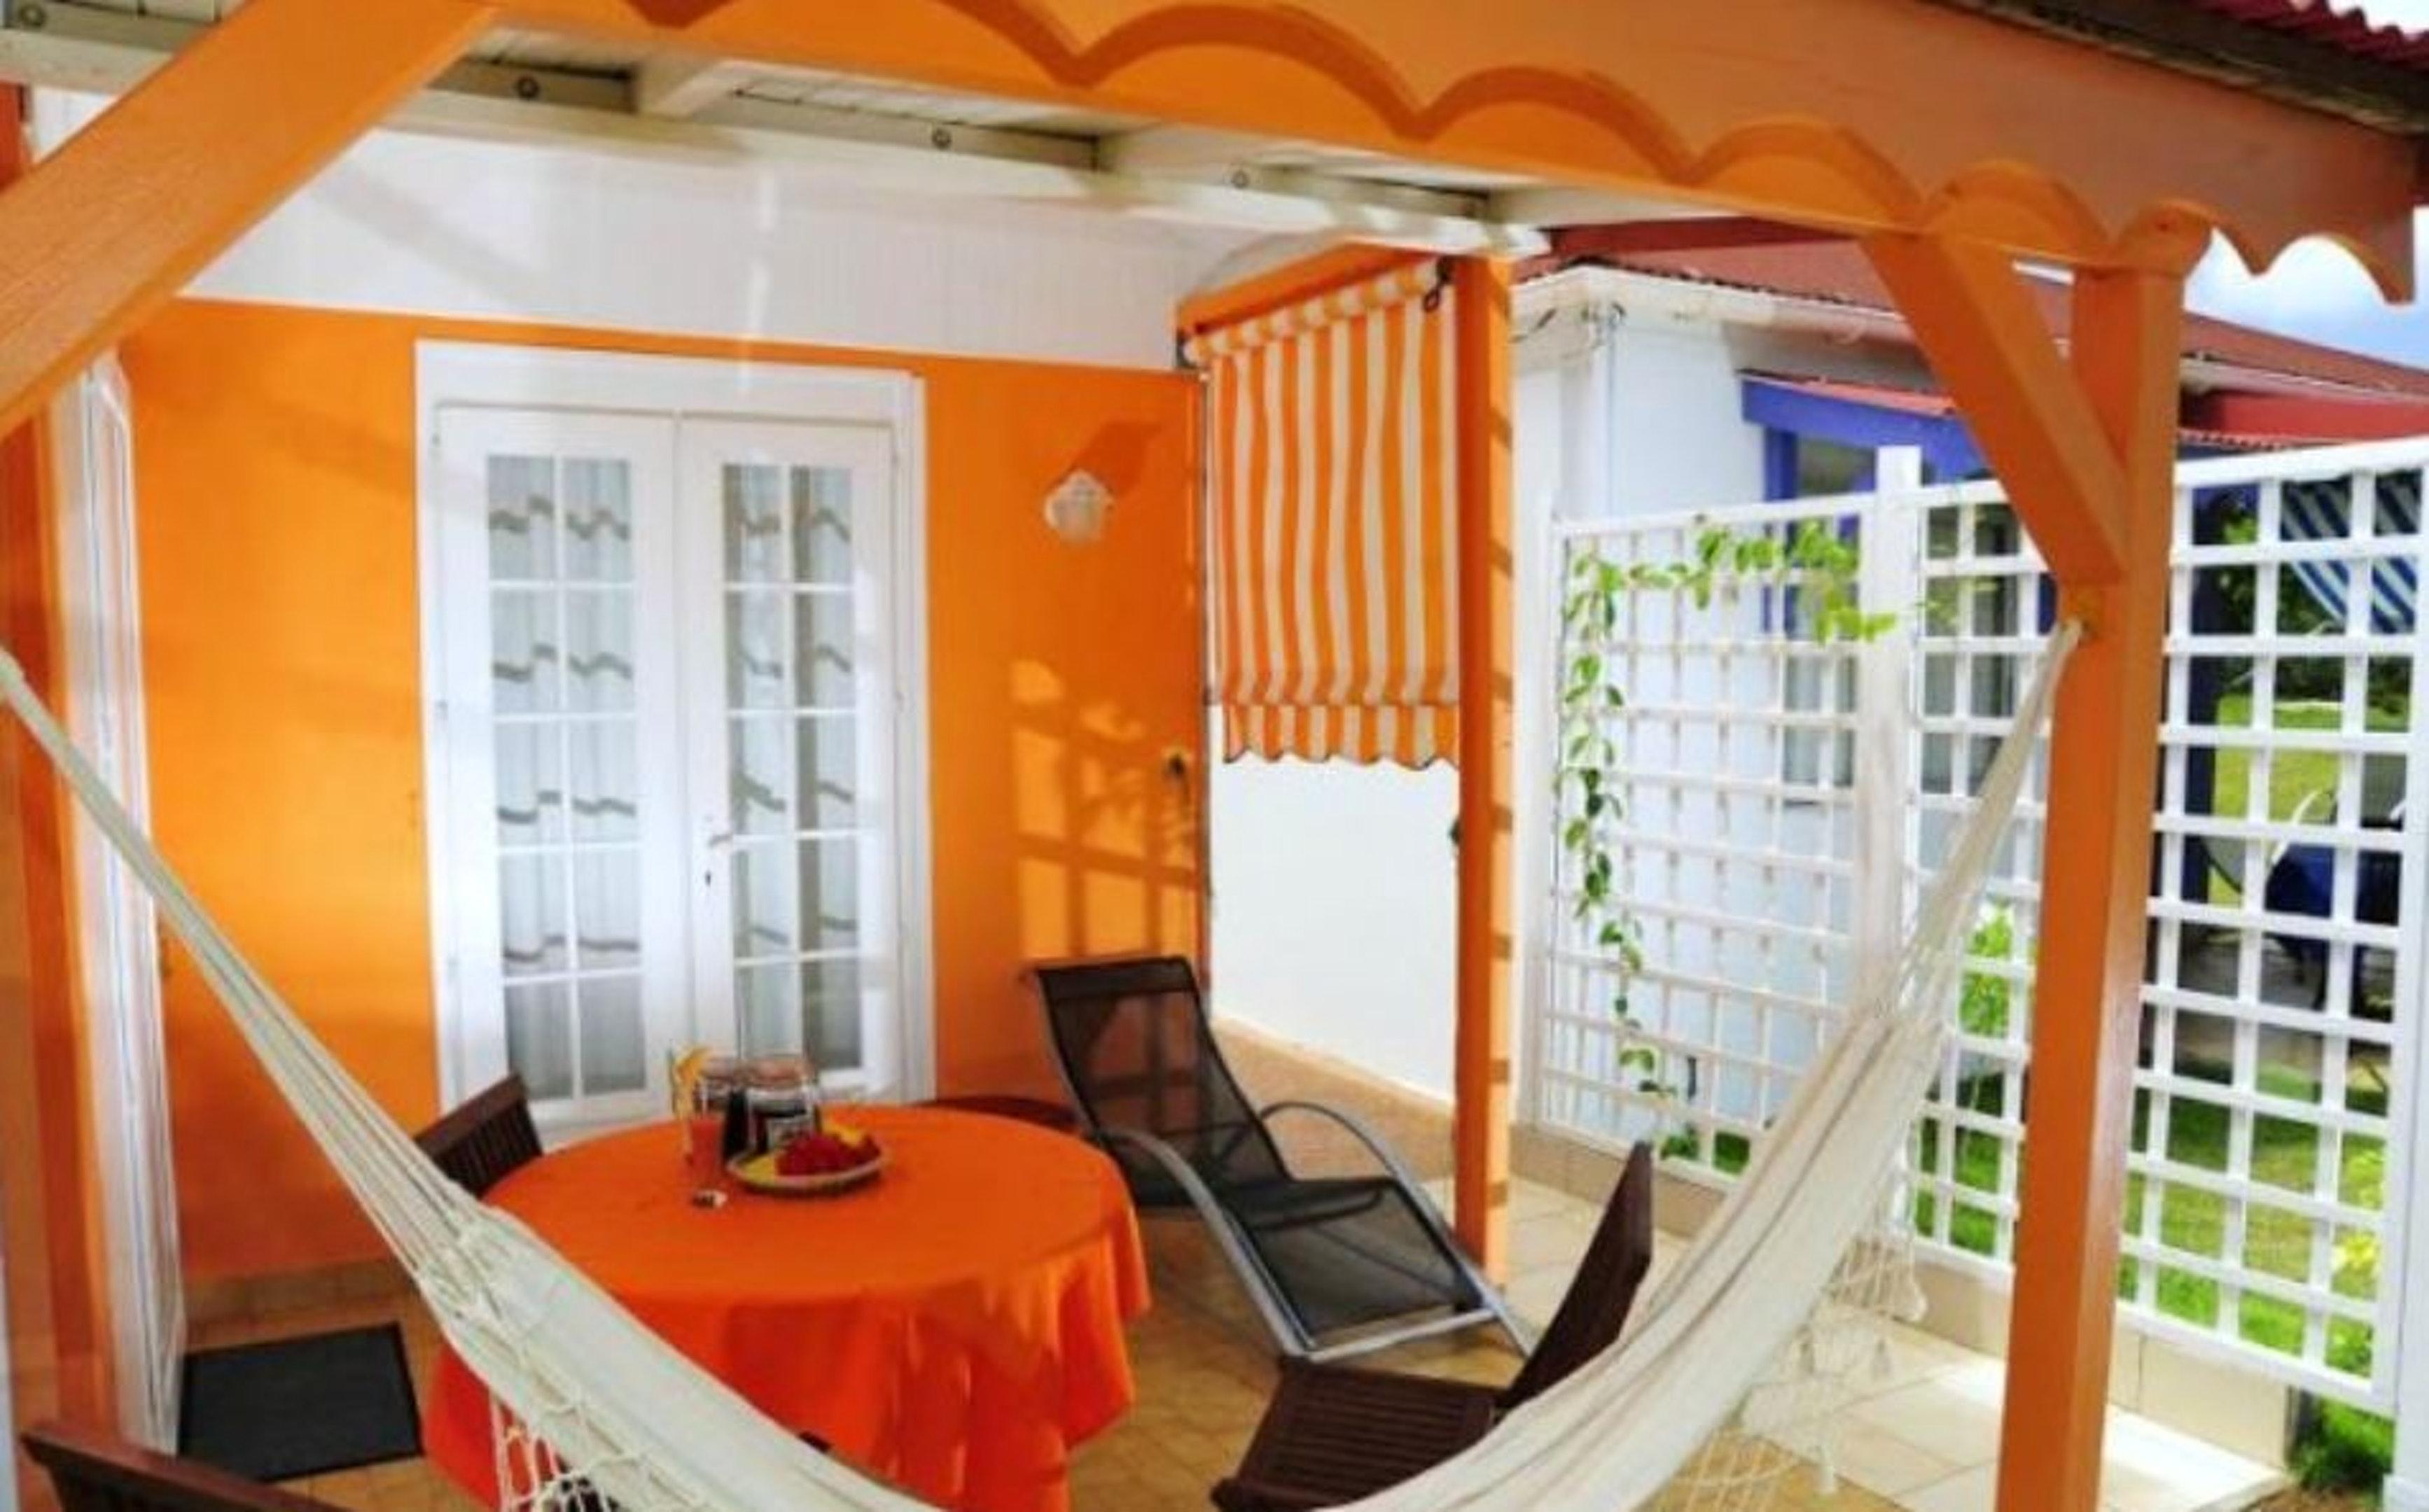 Hütte mit 3 Schlafzimmern in Saint-Francois m Ferienhaus in Guadeloupe